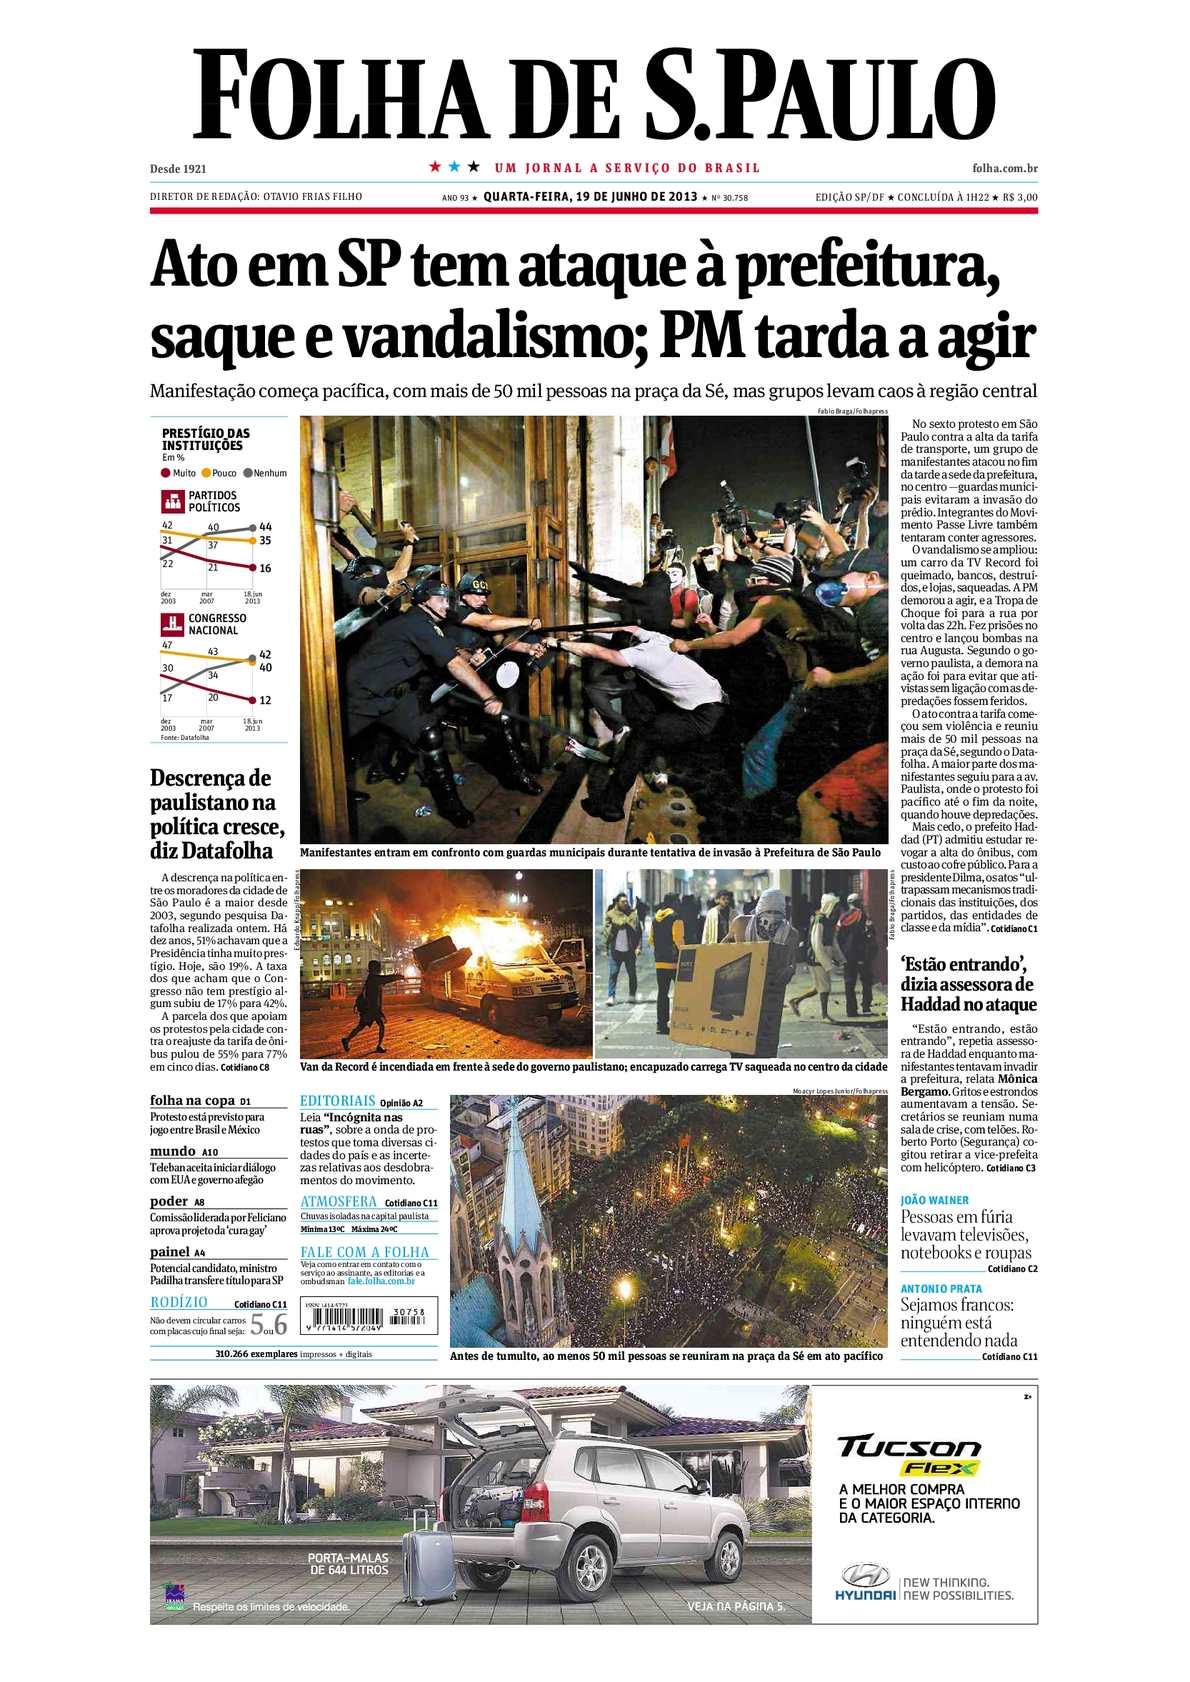 Calaméo - Folha de São Paulo 19-06-2013 2419b529944a7